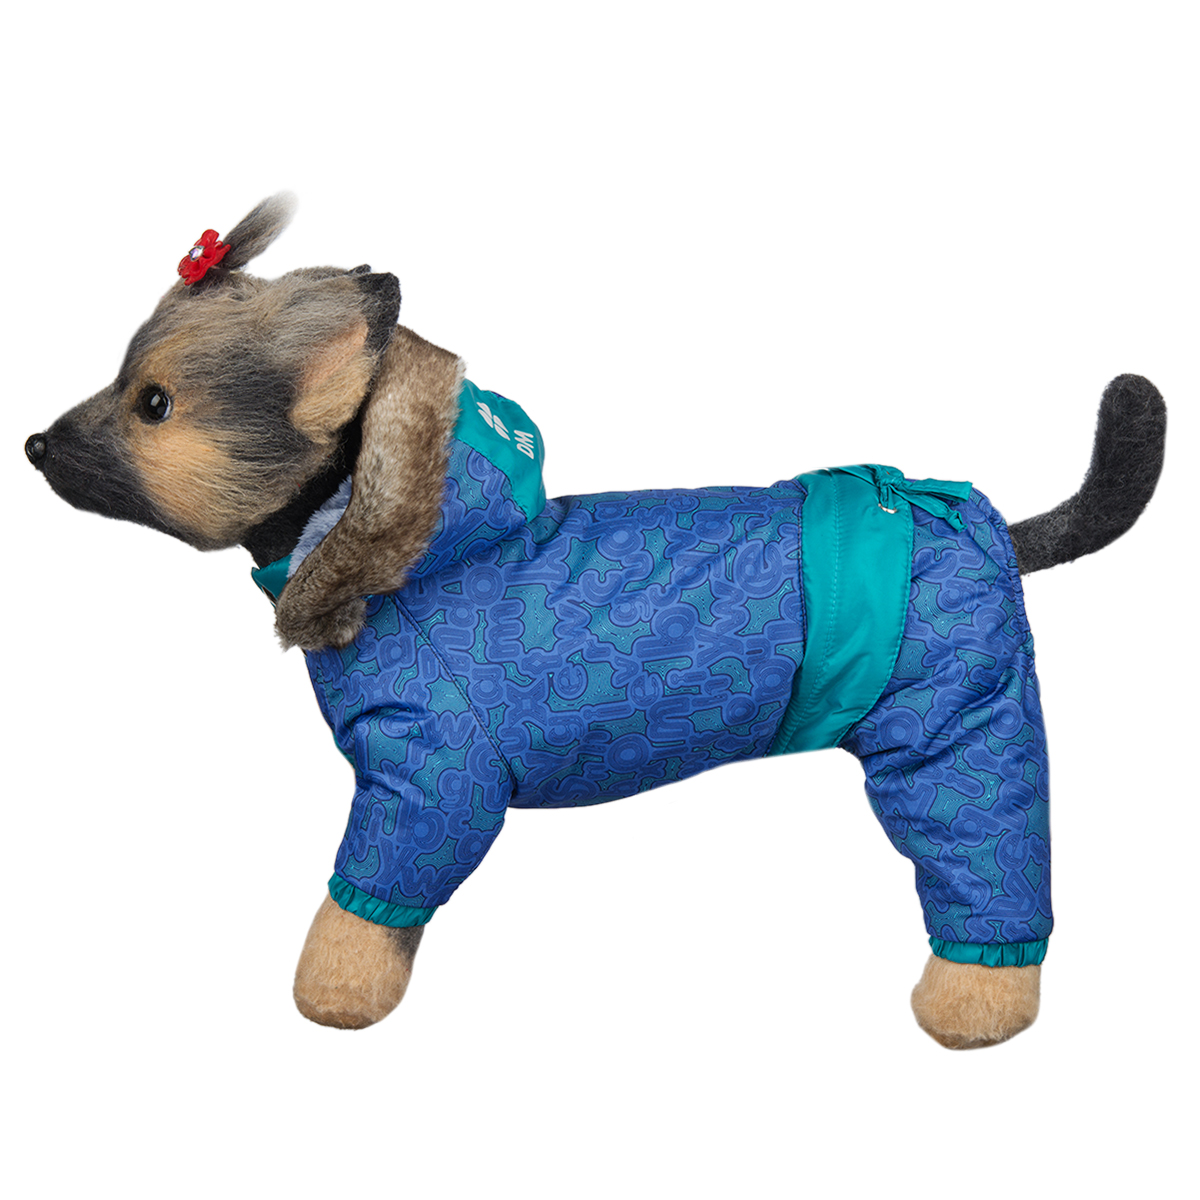 """Комбинезон для собак Dogmoda """"Финляндия"""", унисекс, цвет: синий, бирюзовый. Размер 1 (S)"""